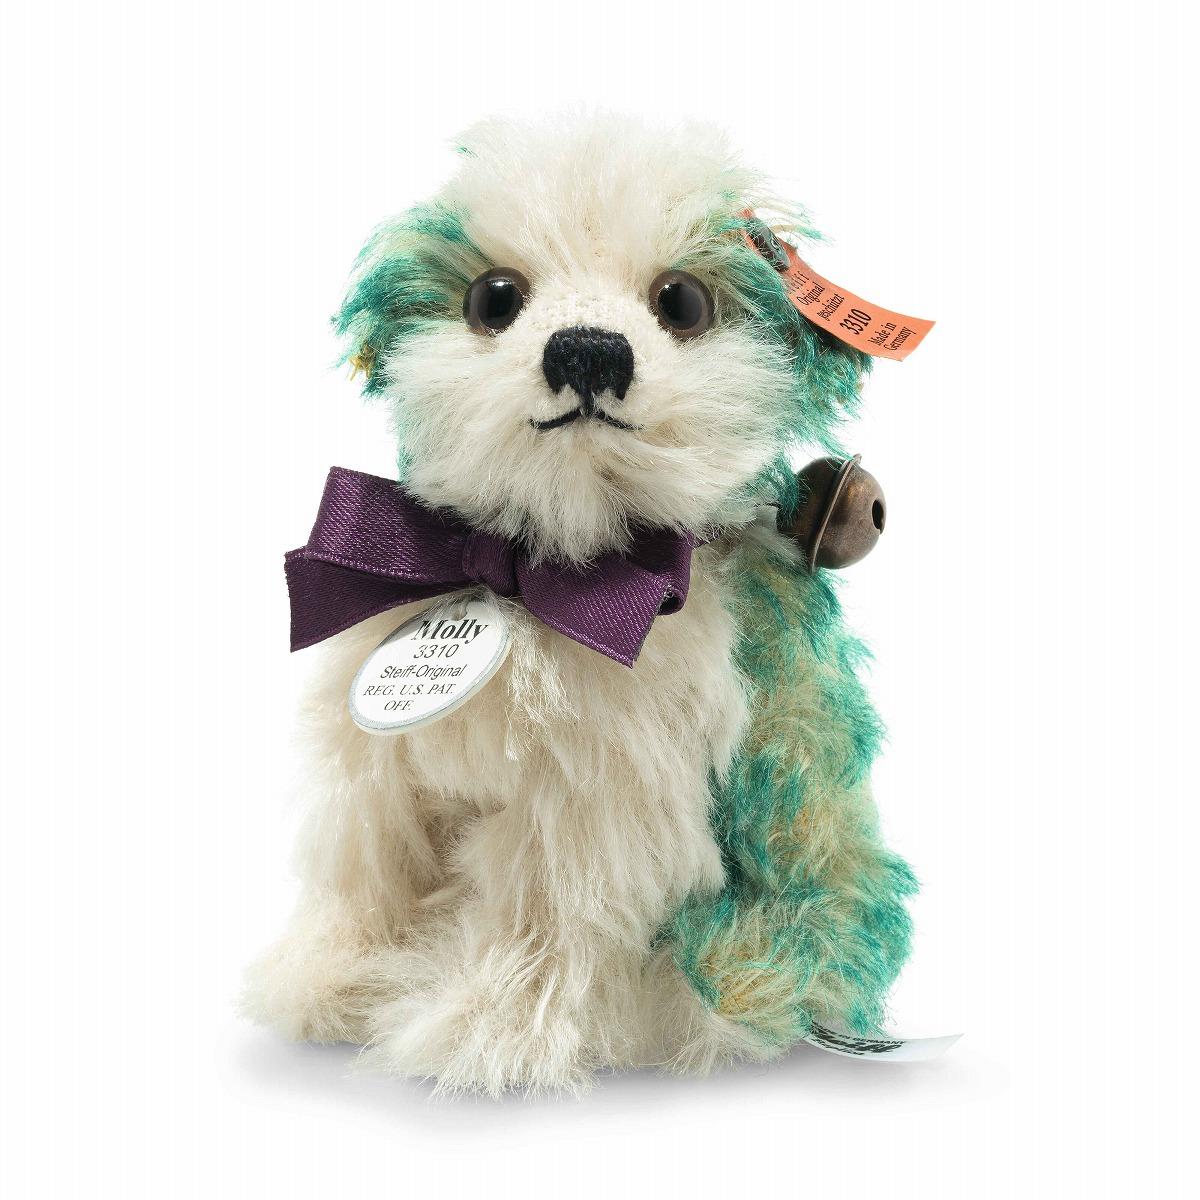 ドイツ Steiff シュタイフ 社テディベア テディベア レプリカ モーリー cm dog 1927 replica セール 登場から人気沸騰 10 ドック Molly 割引